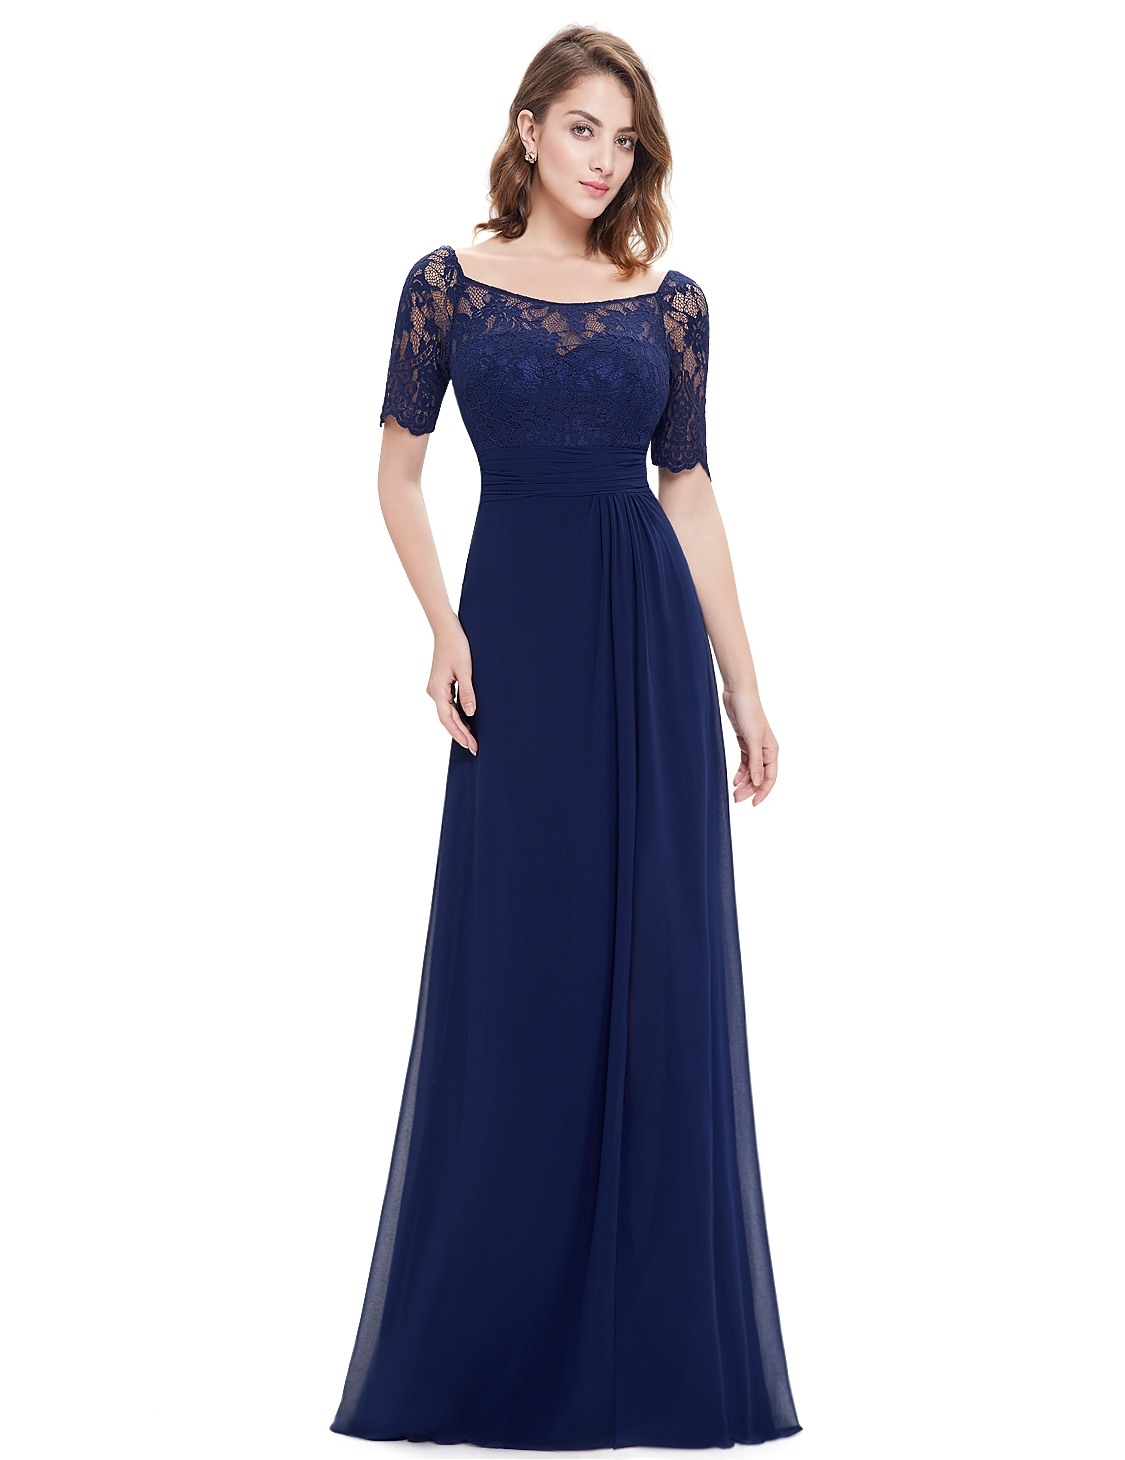 Formal Erstaunlich Abendkleid Dunkelblau Lang Spezialgebiet20 Coolste Abendkleid Dunkelblau Lang Ärmel